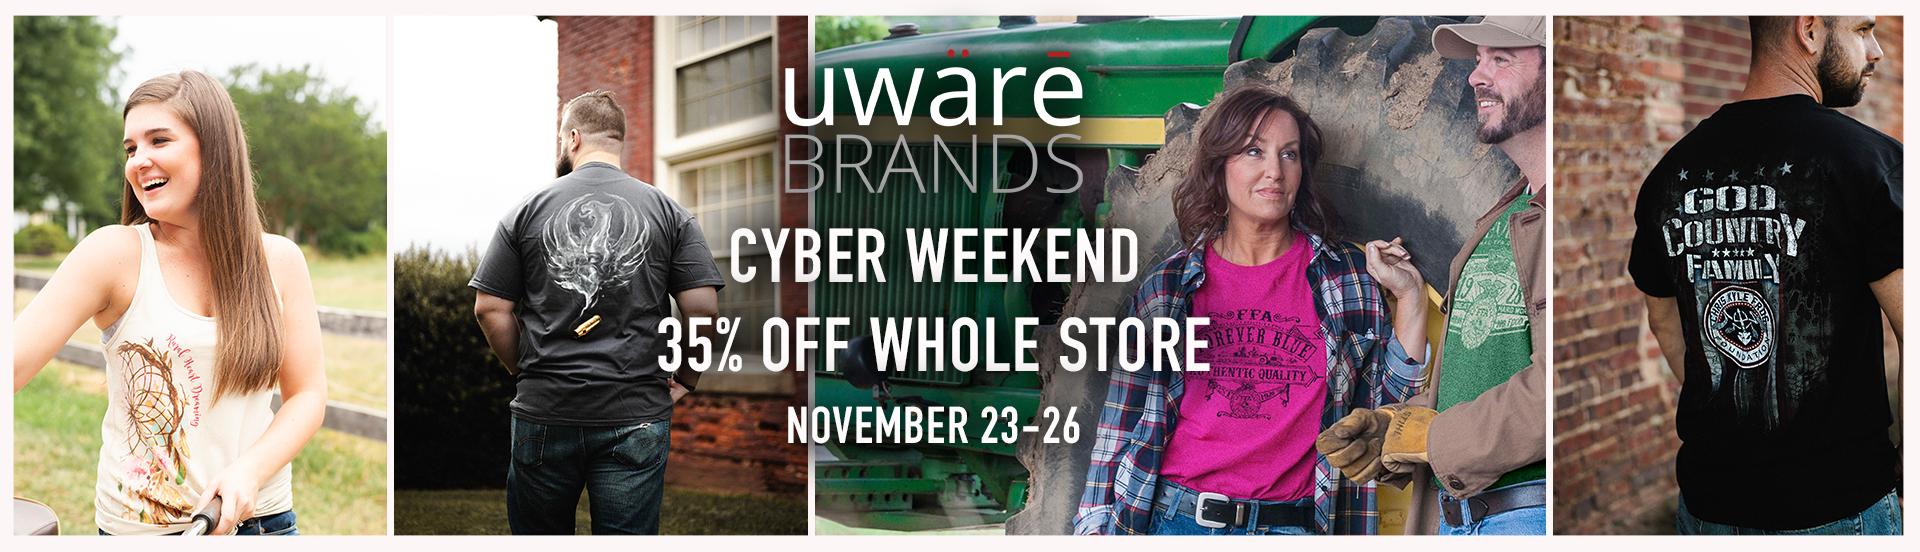 uwaretees.com